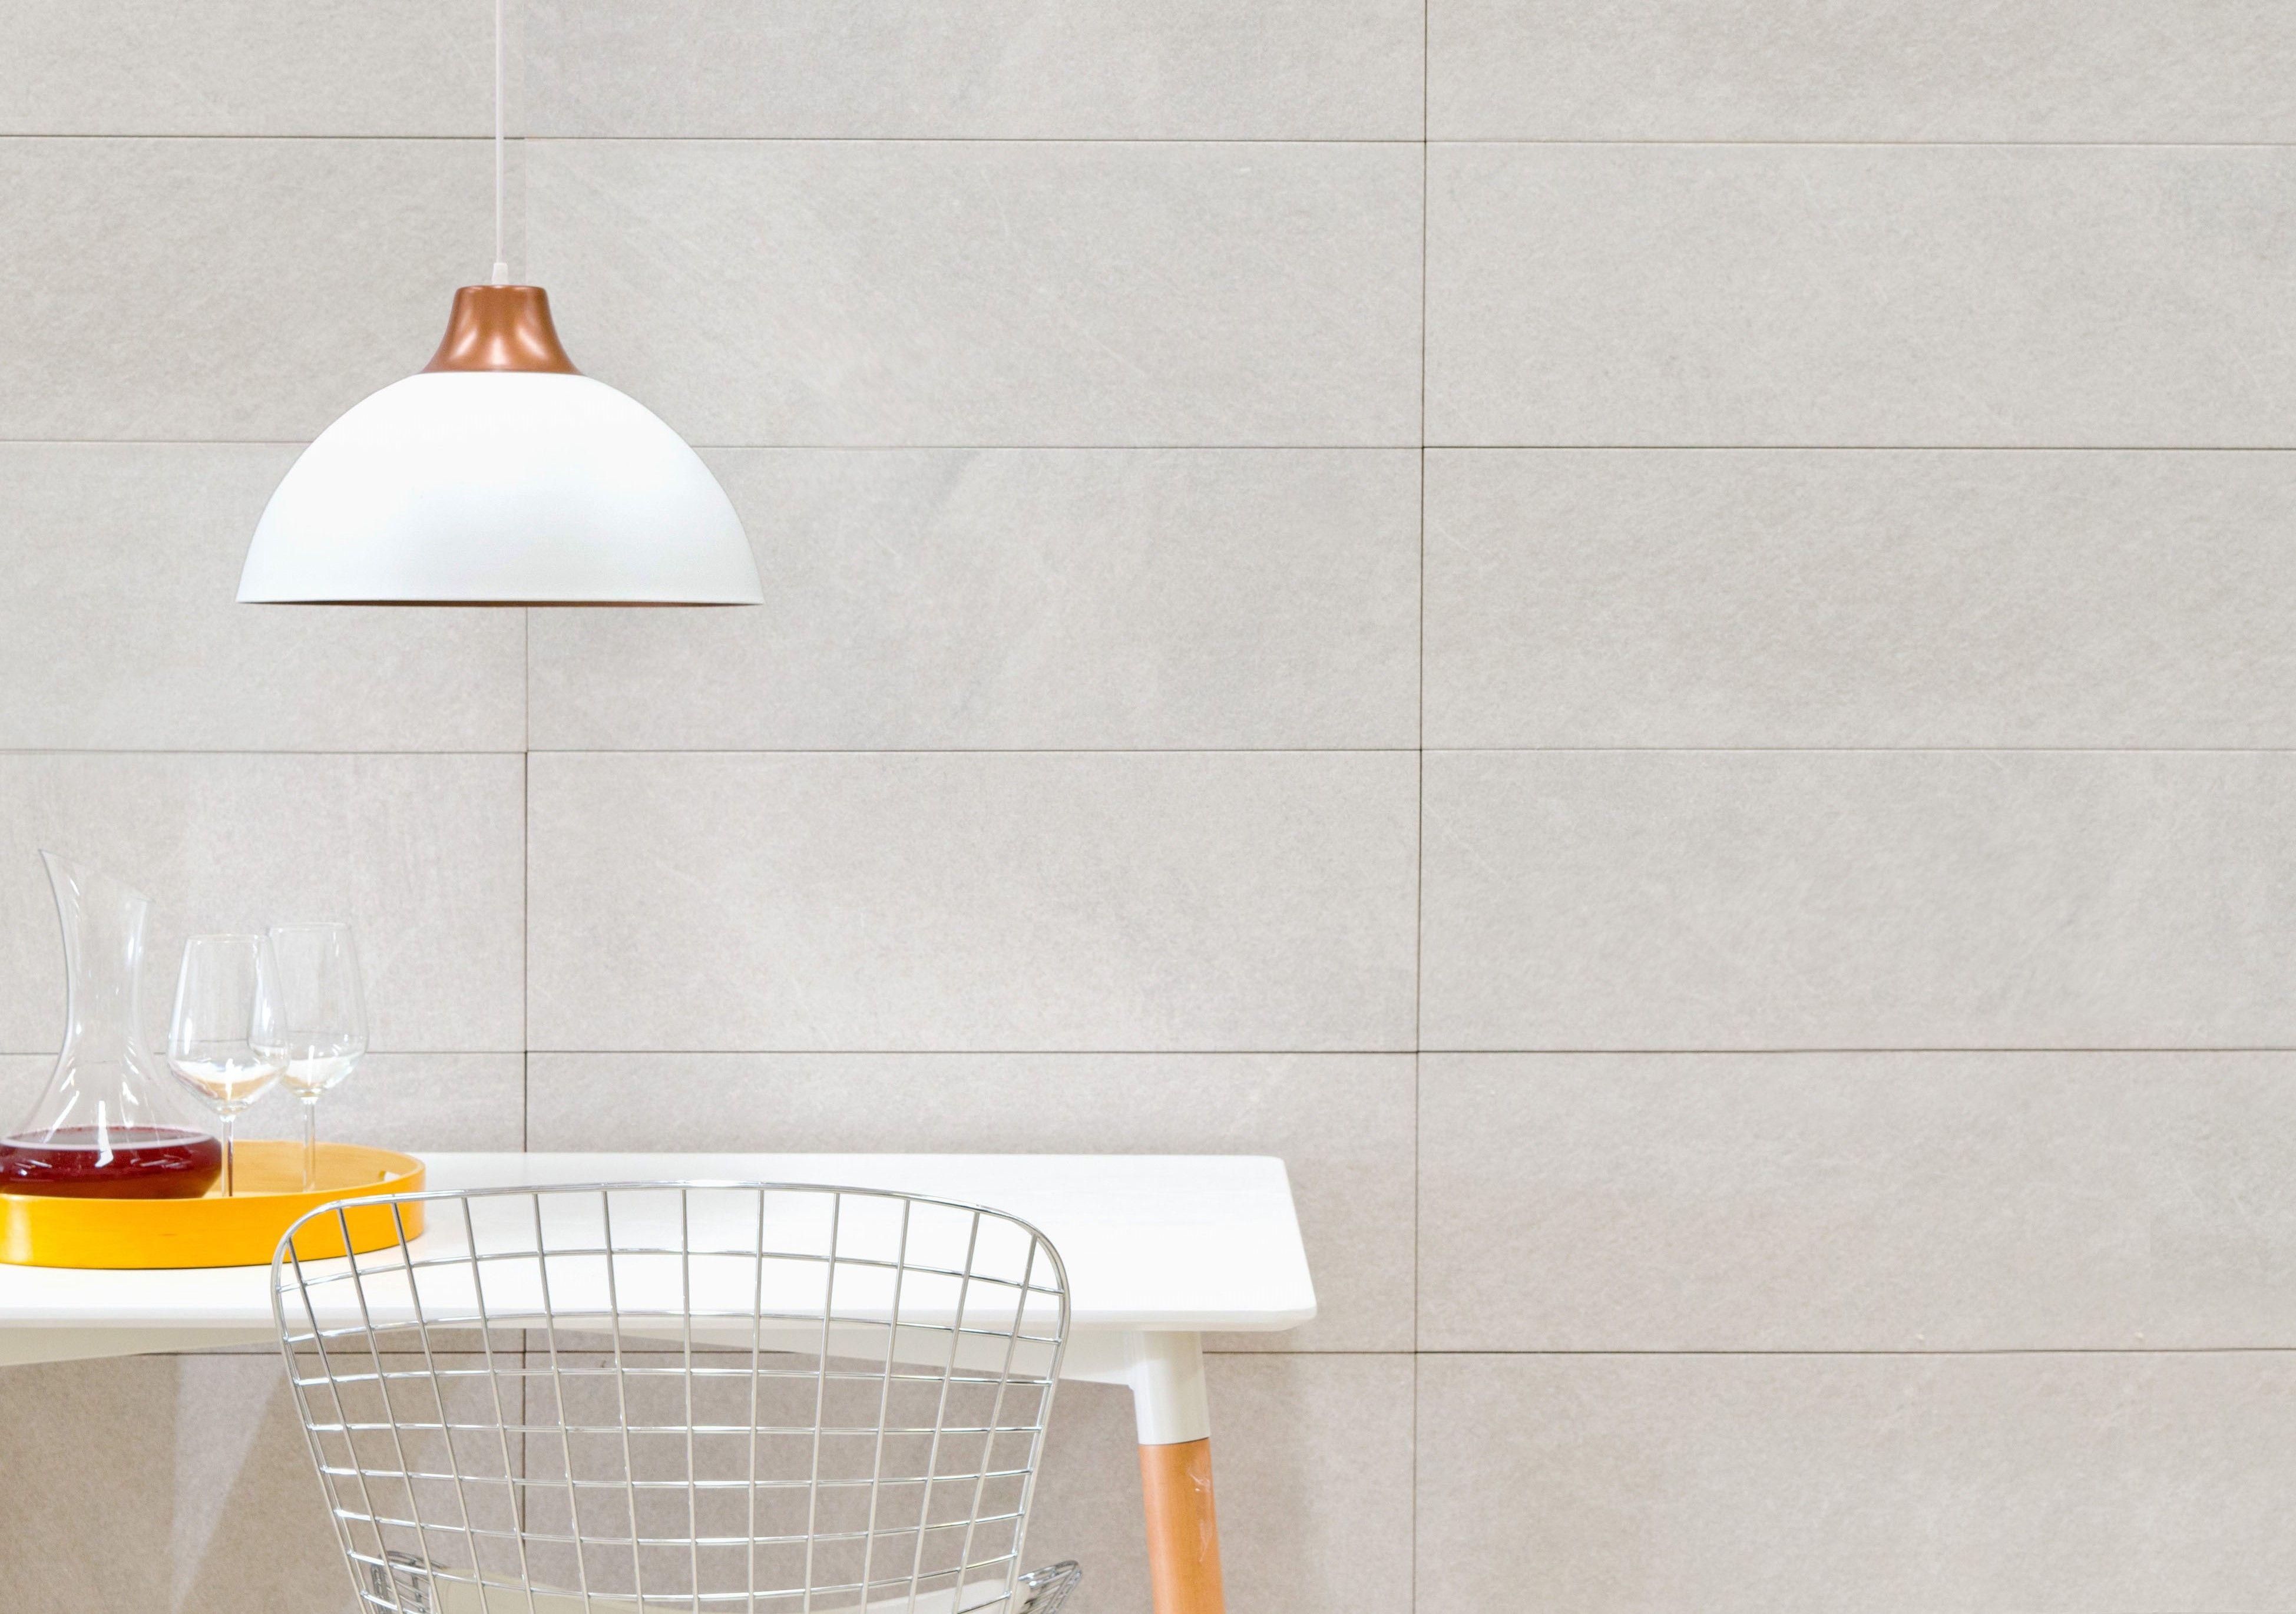 Pared Ceramica Crestone White Cocinas Y Banos Pisos Revestimiento De Paredes